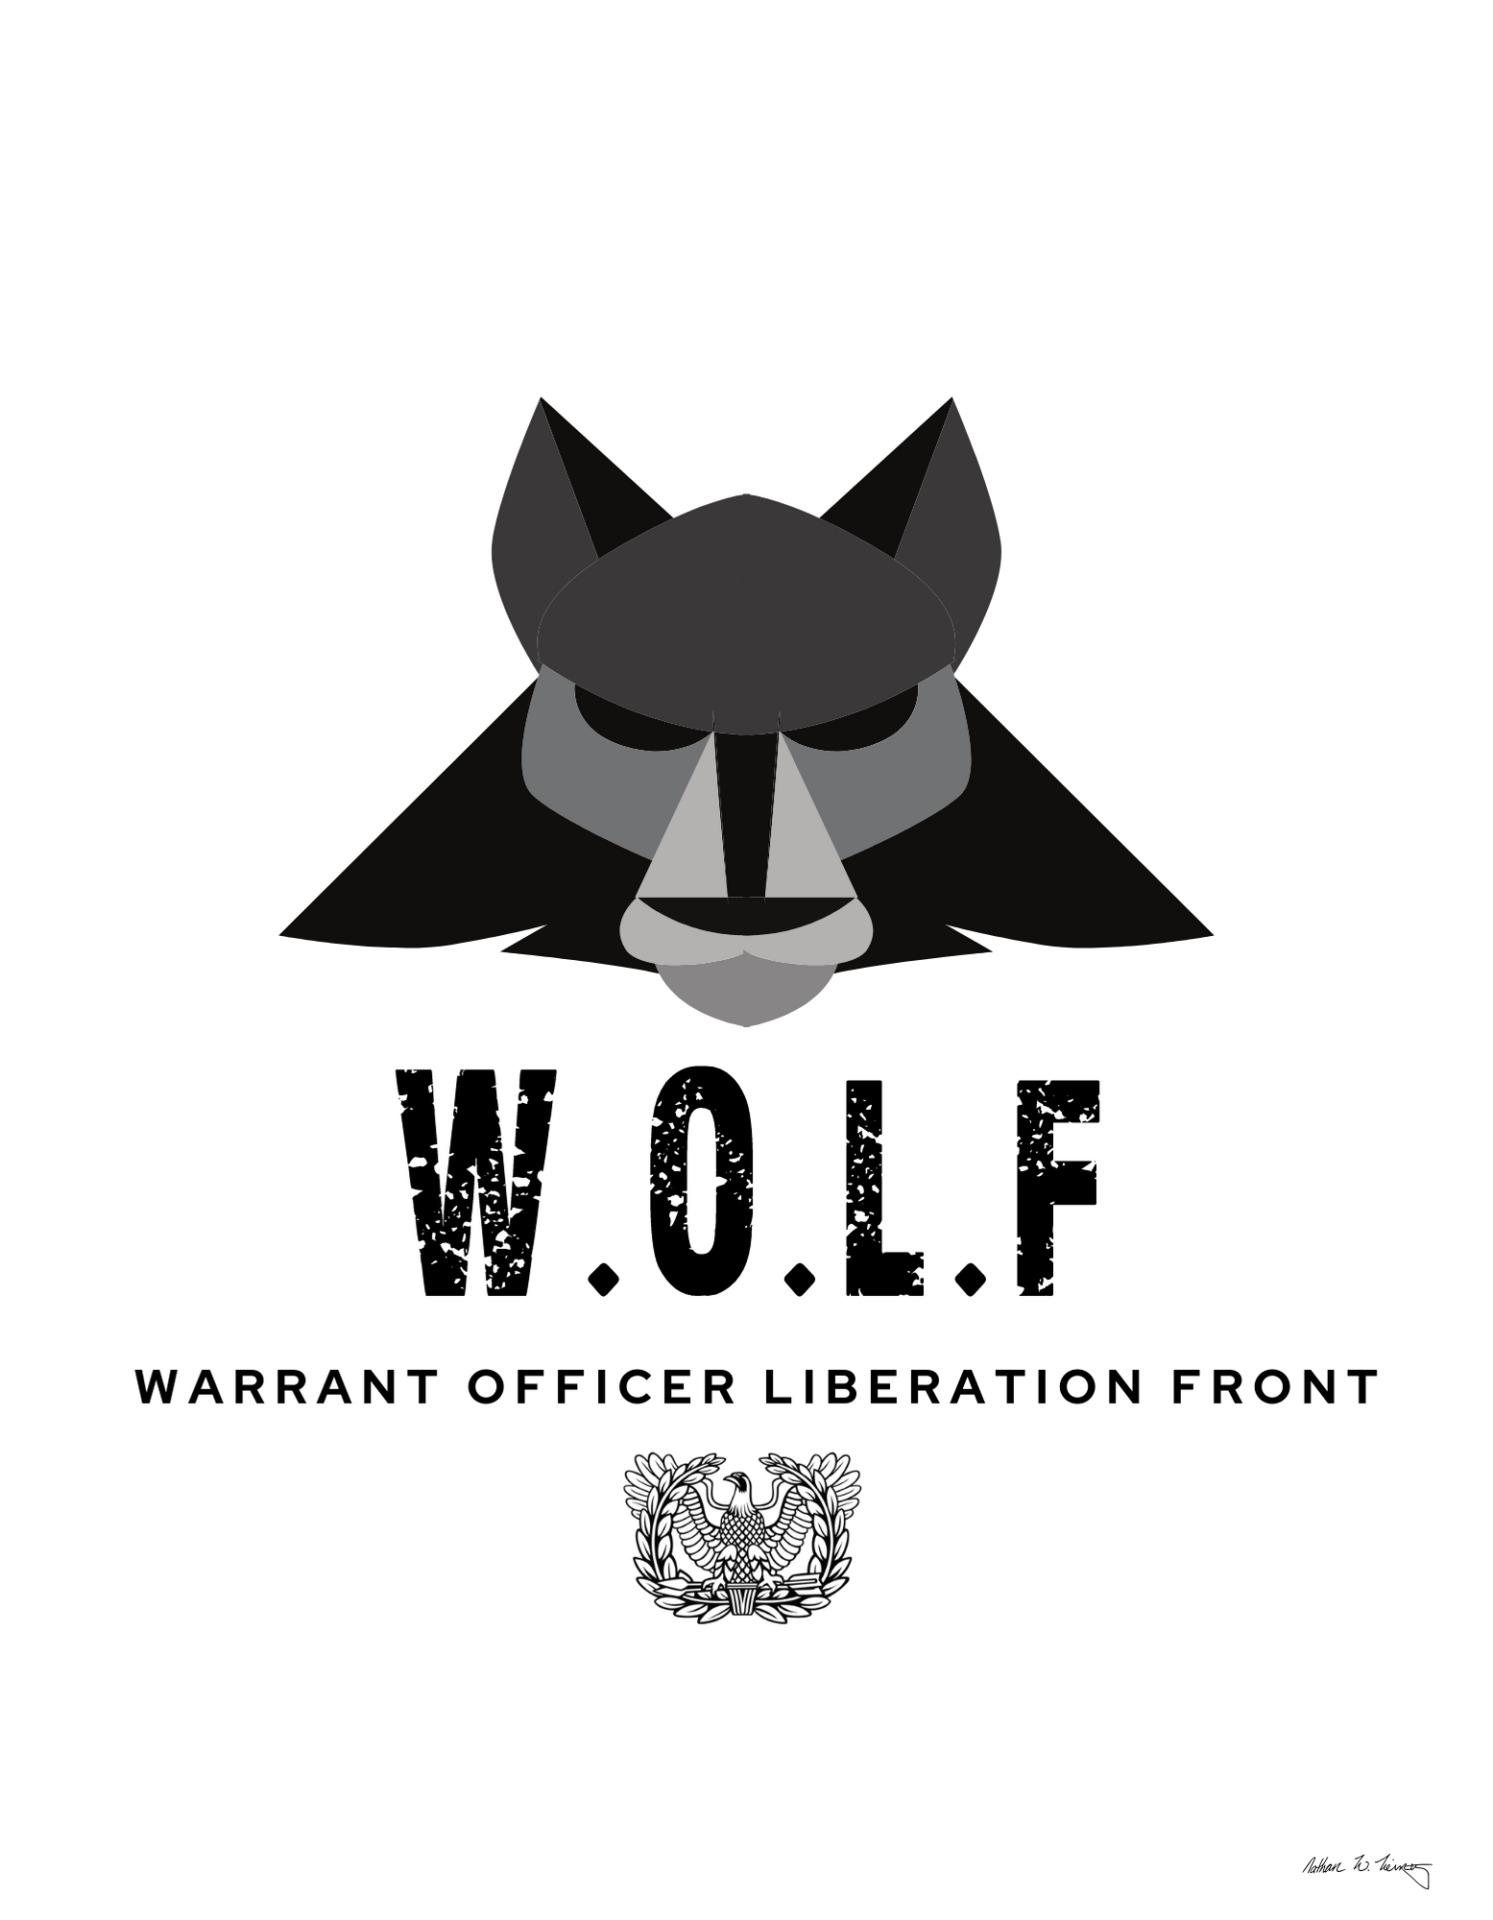 Warrant Officer Liberation Front logo design 3